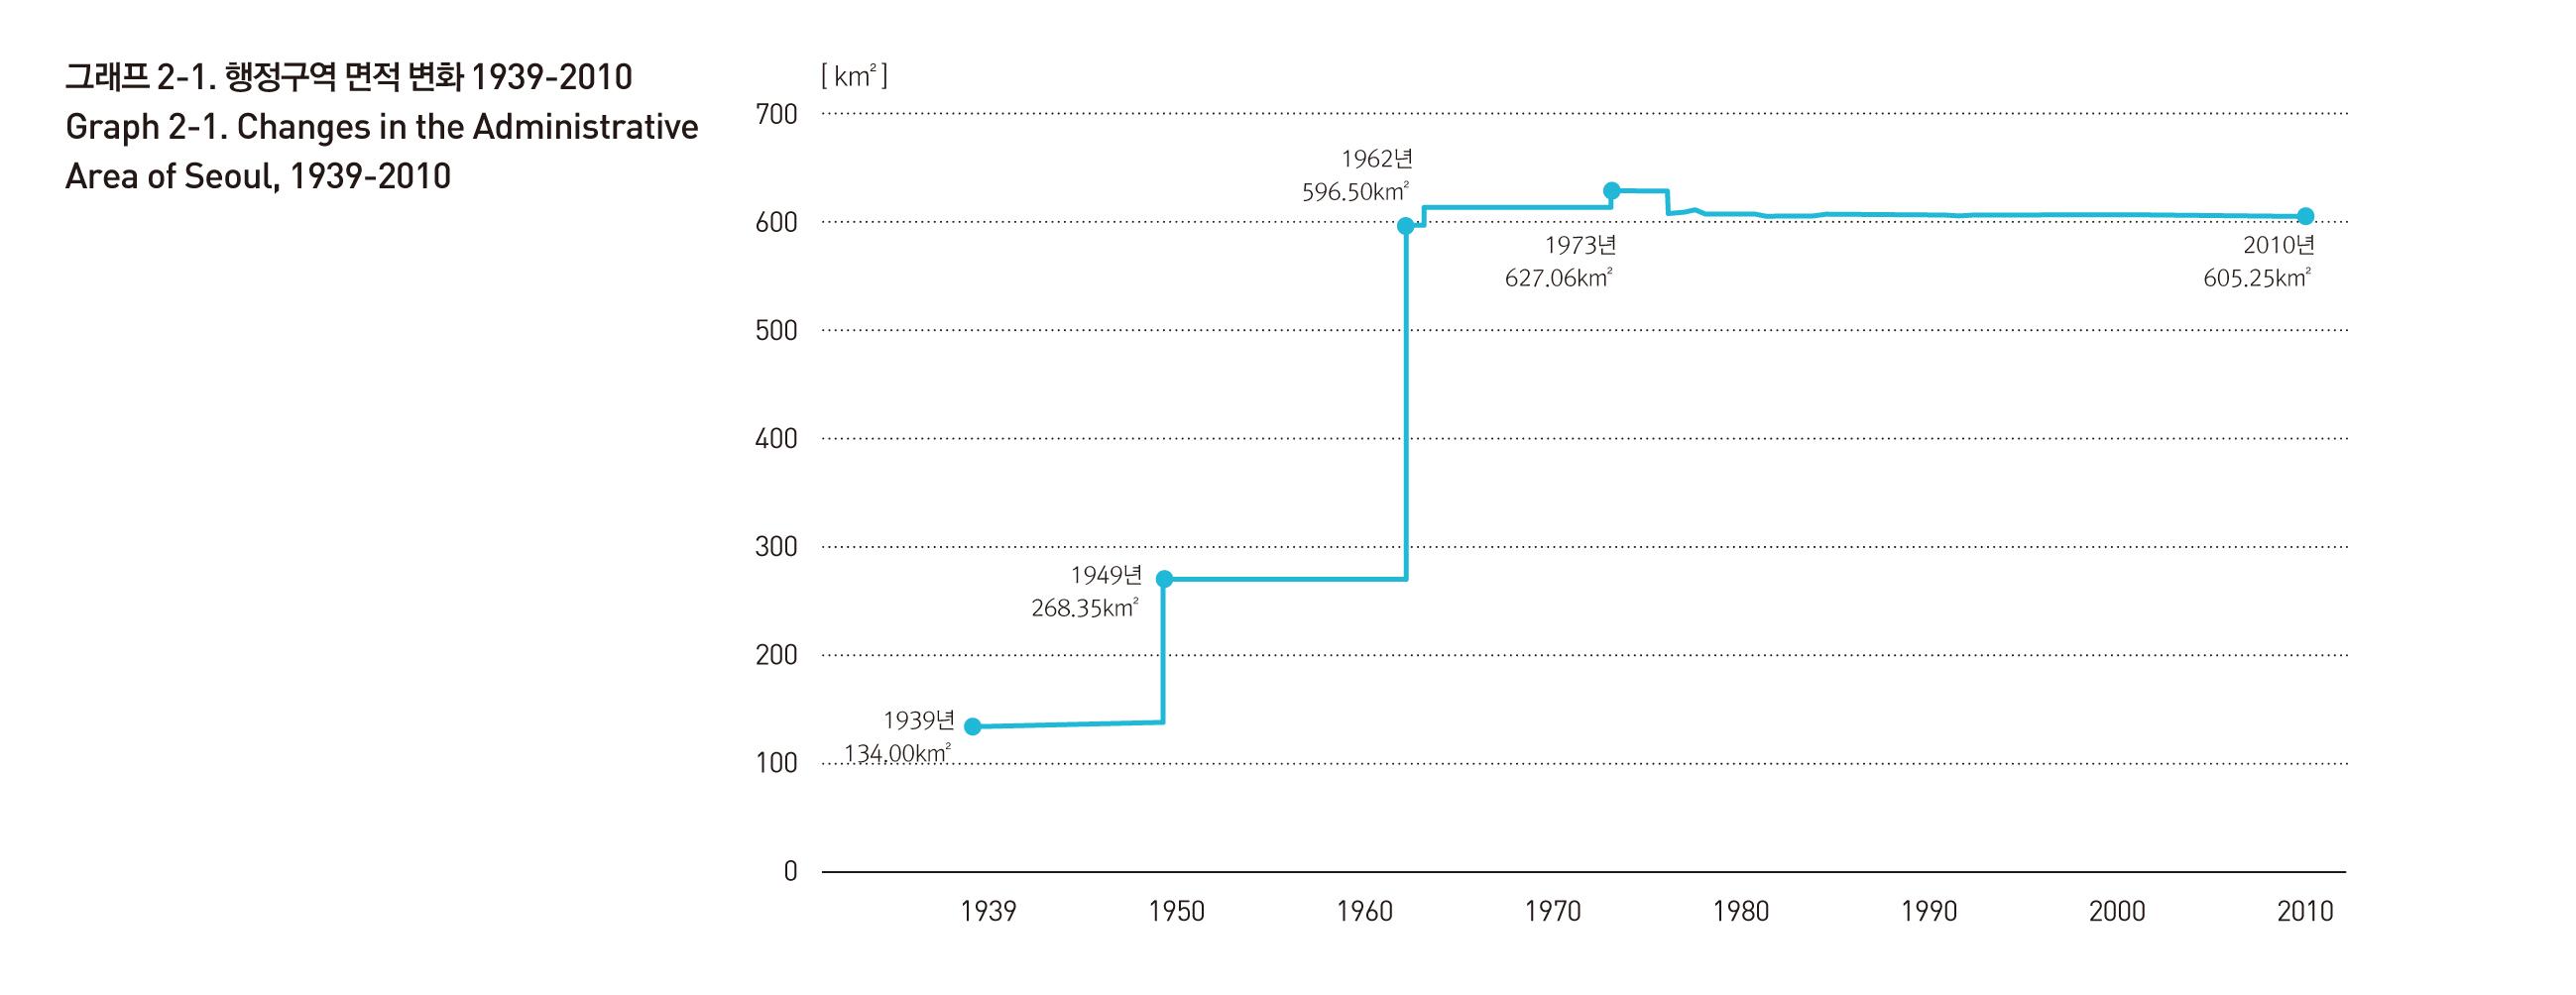 1939년부터 2010년까지의 서울시 행정구역 면적 변화 그래프입니다. 상세데이터는 아래 파일 링크를 통해 다운로드 할 수 있습니다.